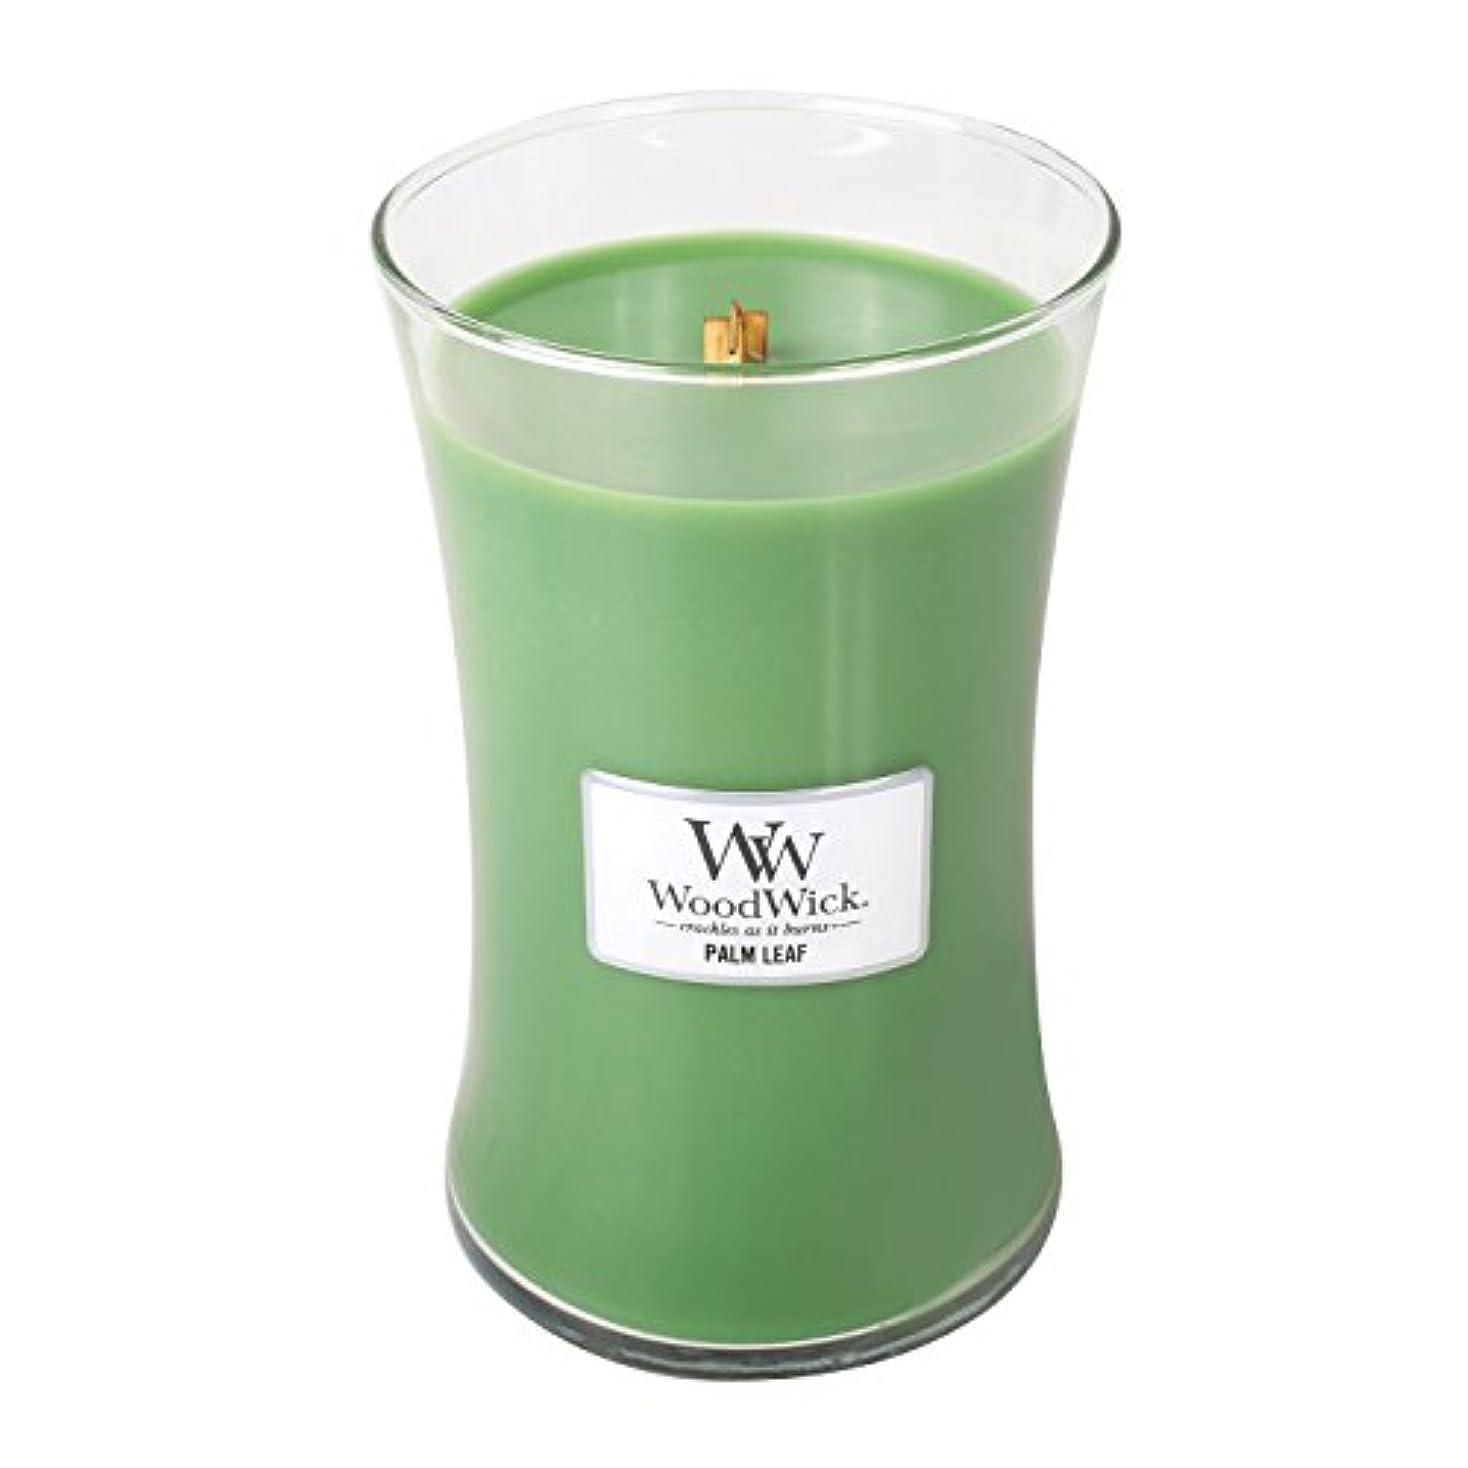 泥棒こする彼のWoodWick PALM LEAF, Highly Scented Candle, Classic Hourglass Jar, Large 18cm, 640ml